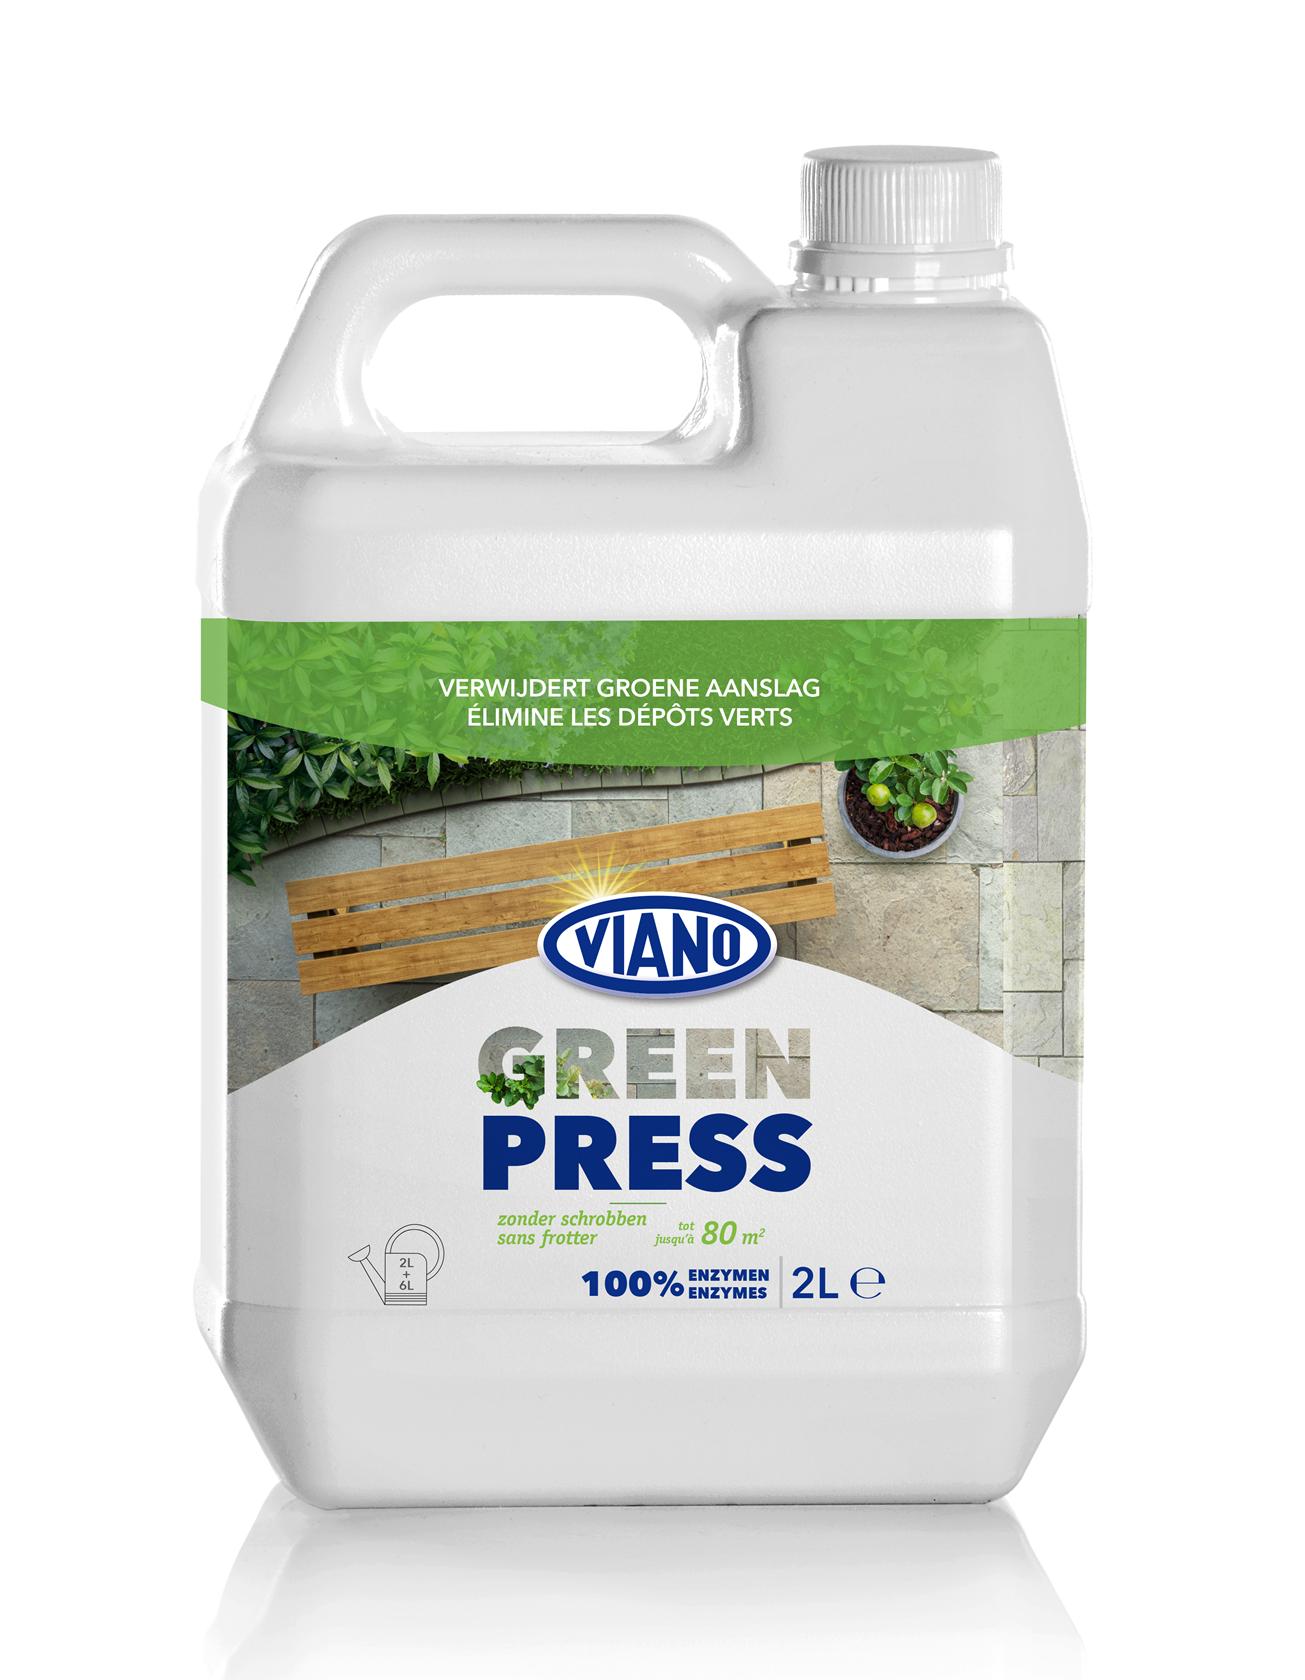 Green-Press-verwijdert-Groene-Aanslag-2L